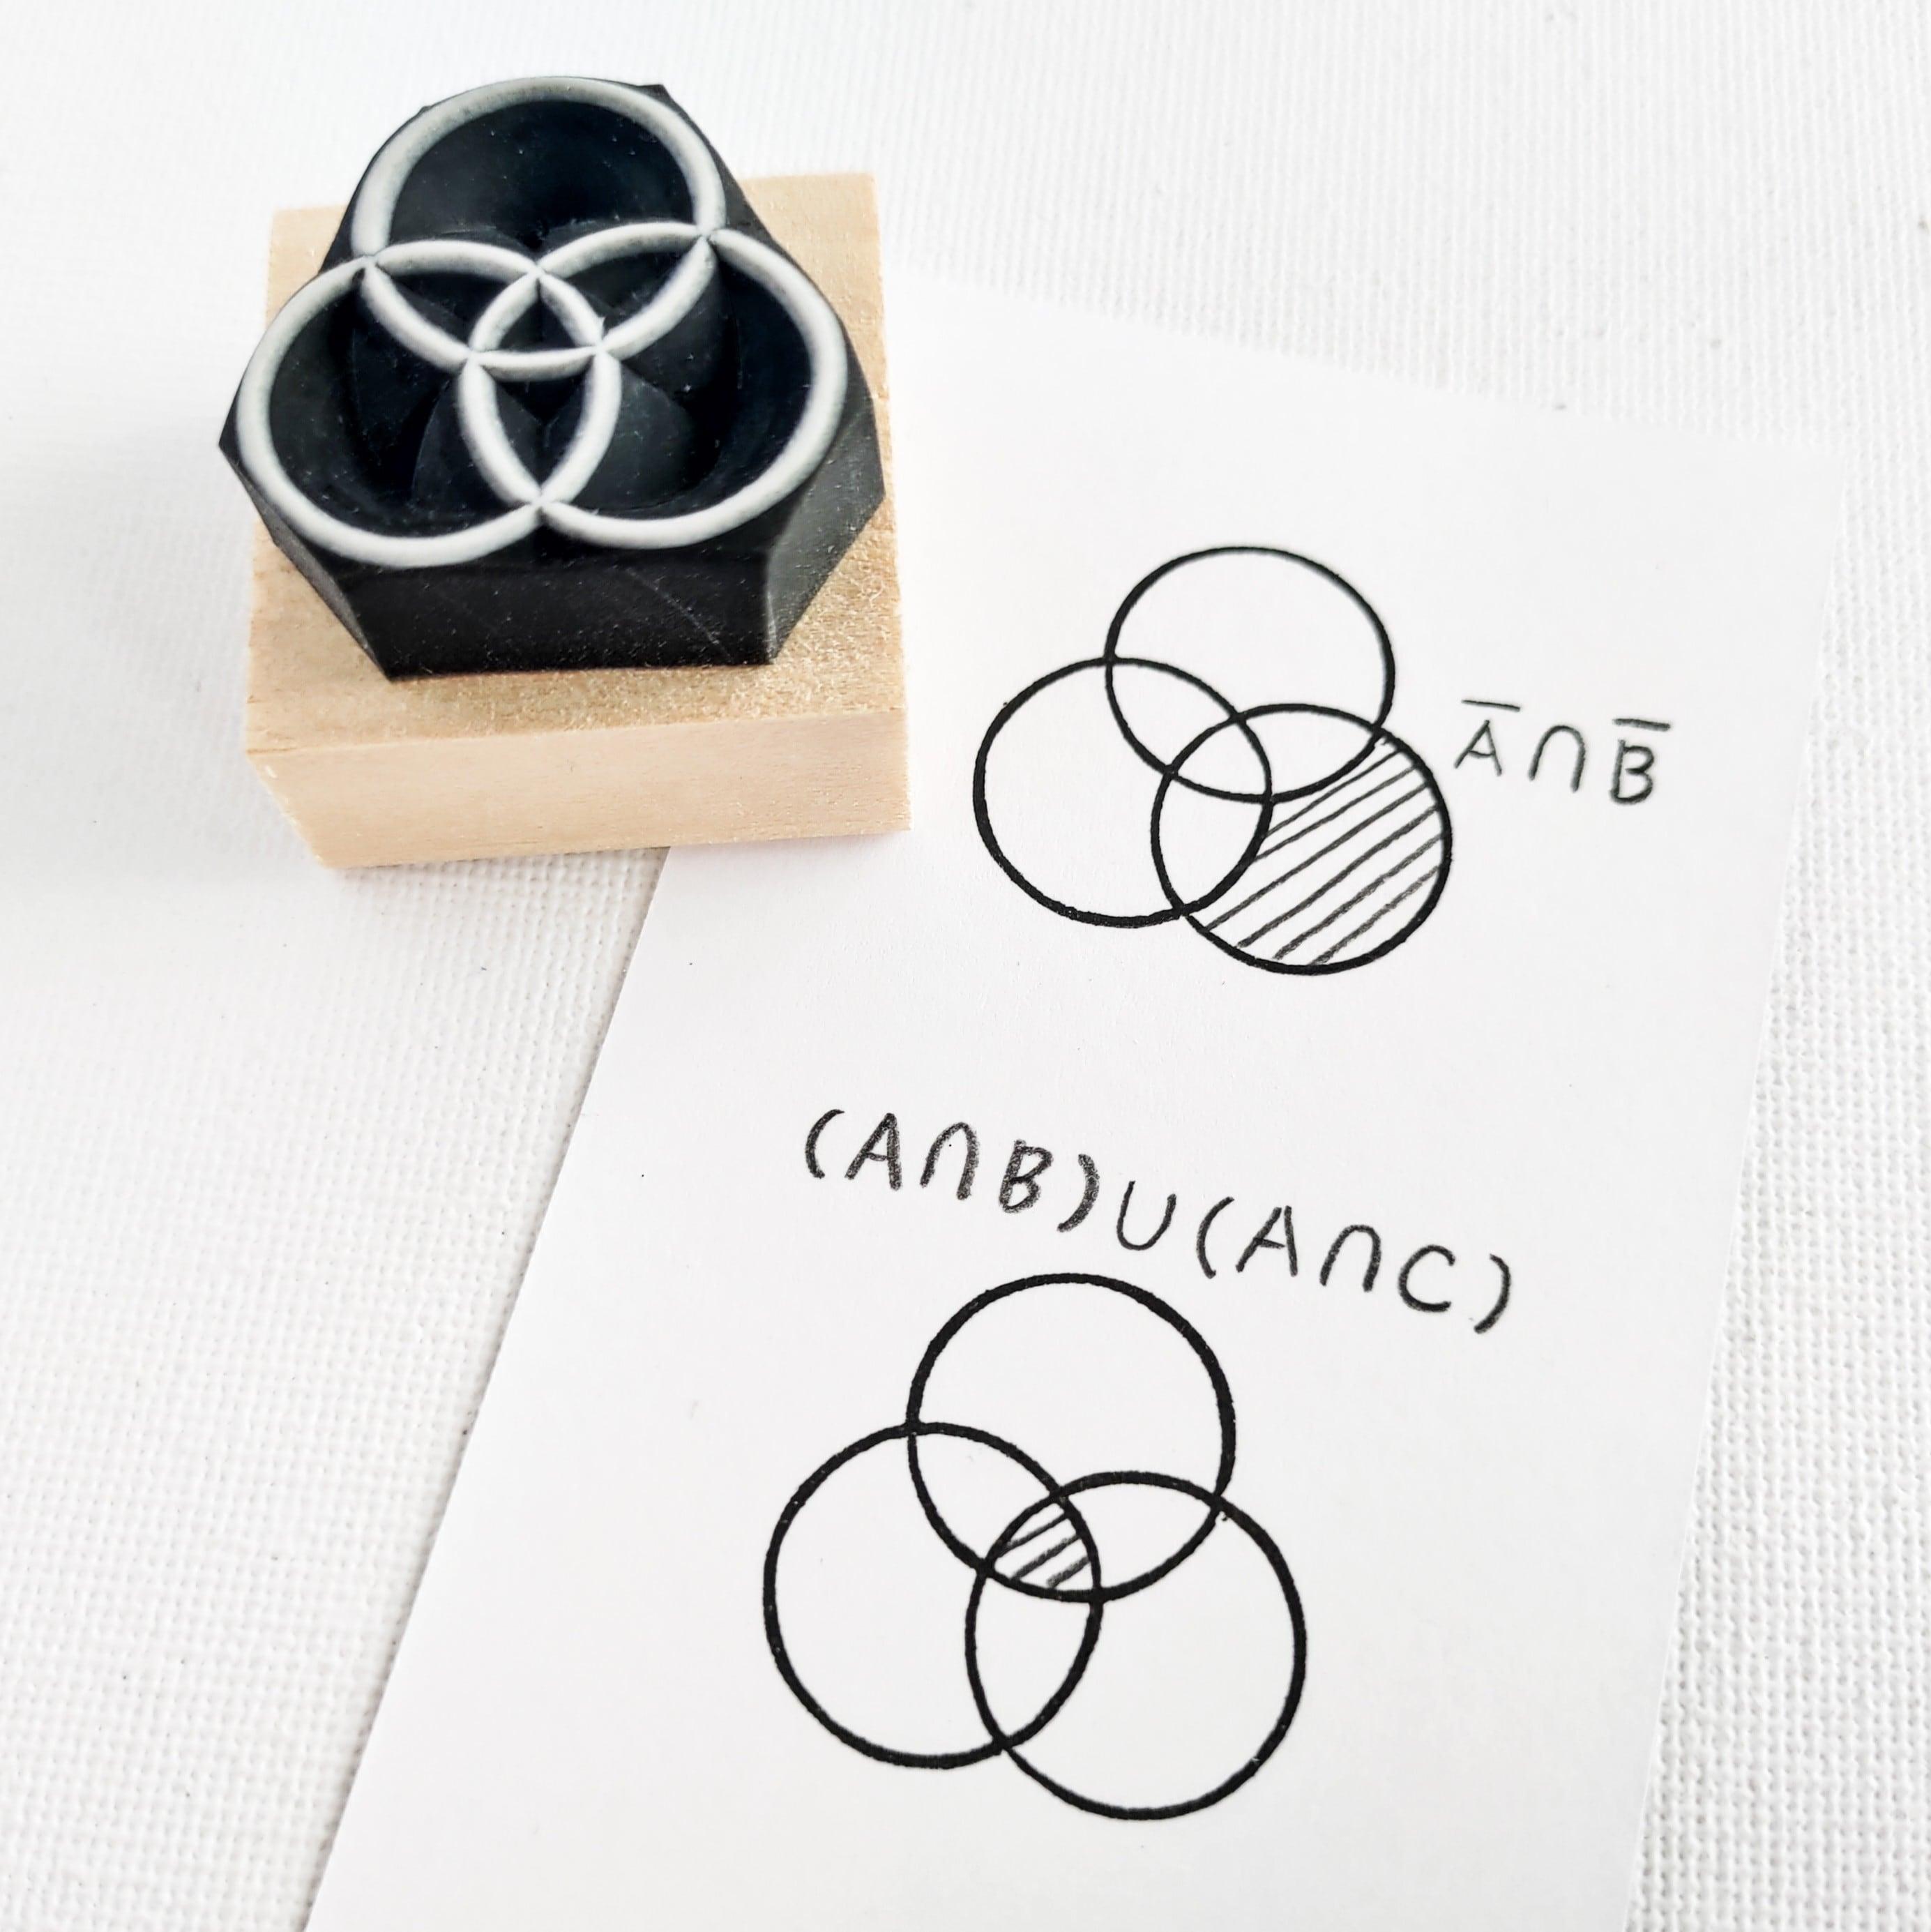 先生ハンコ「集合のベン図」 ②